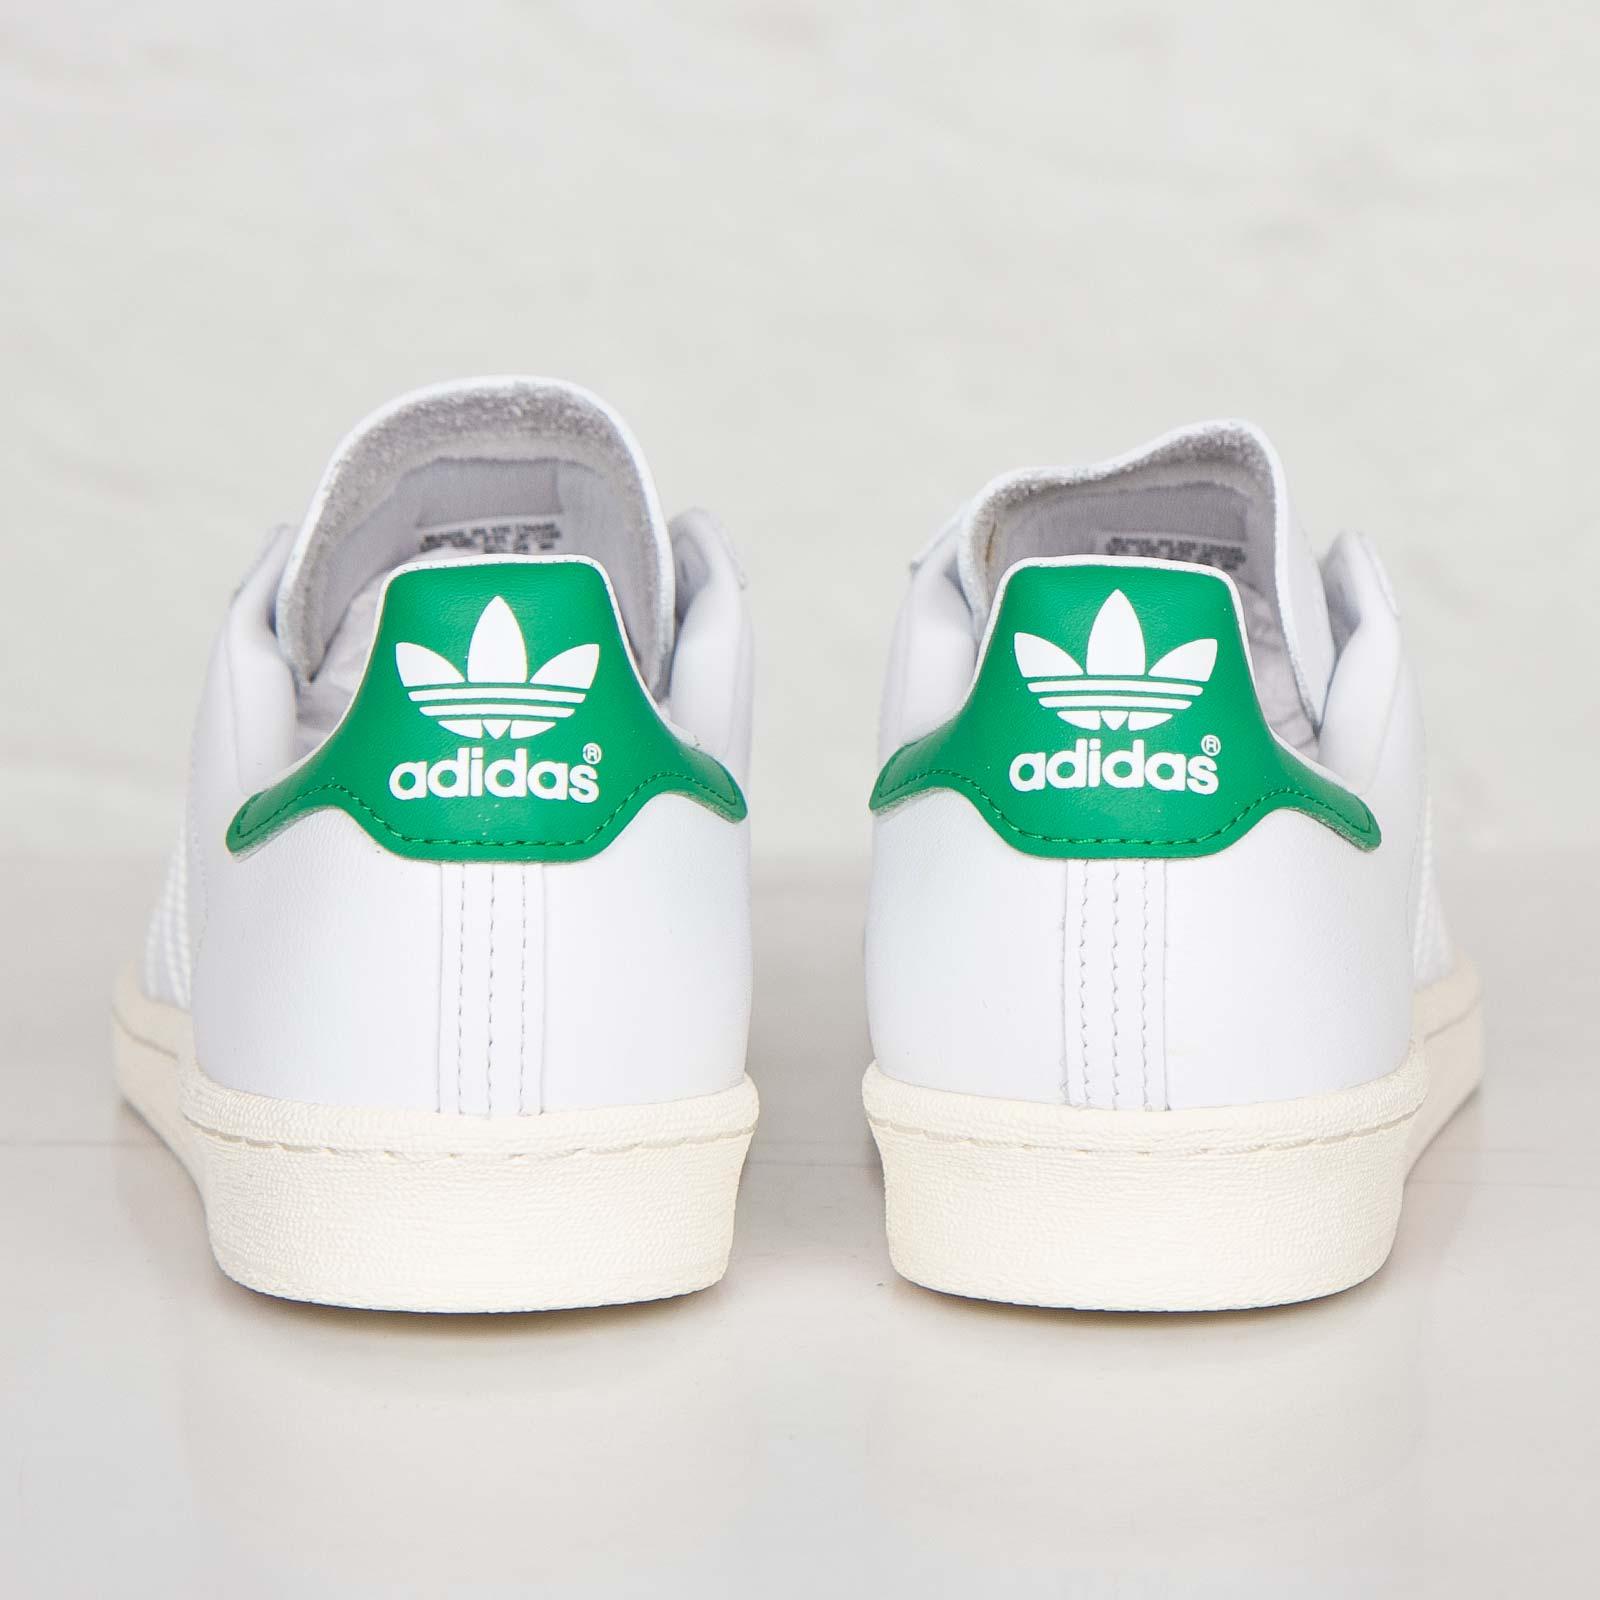 658a4259243437 adidas Campus 80s Nigo - B33821 - Sneakersnstuff